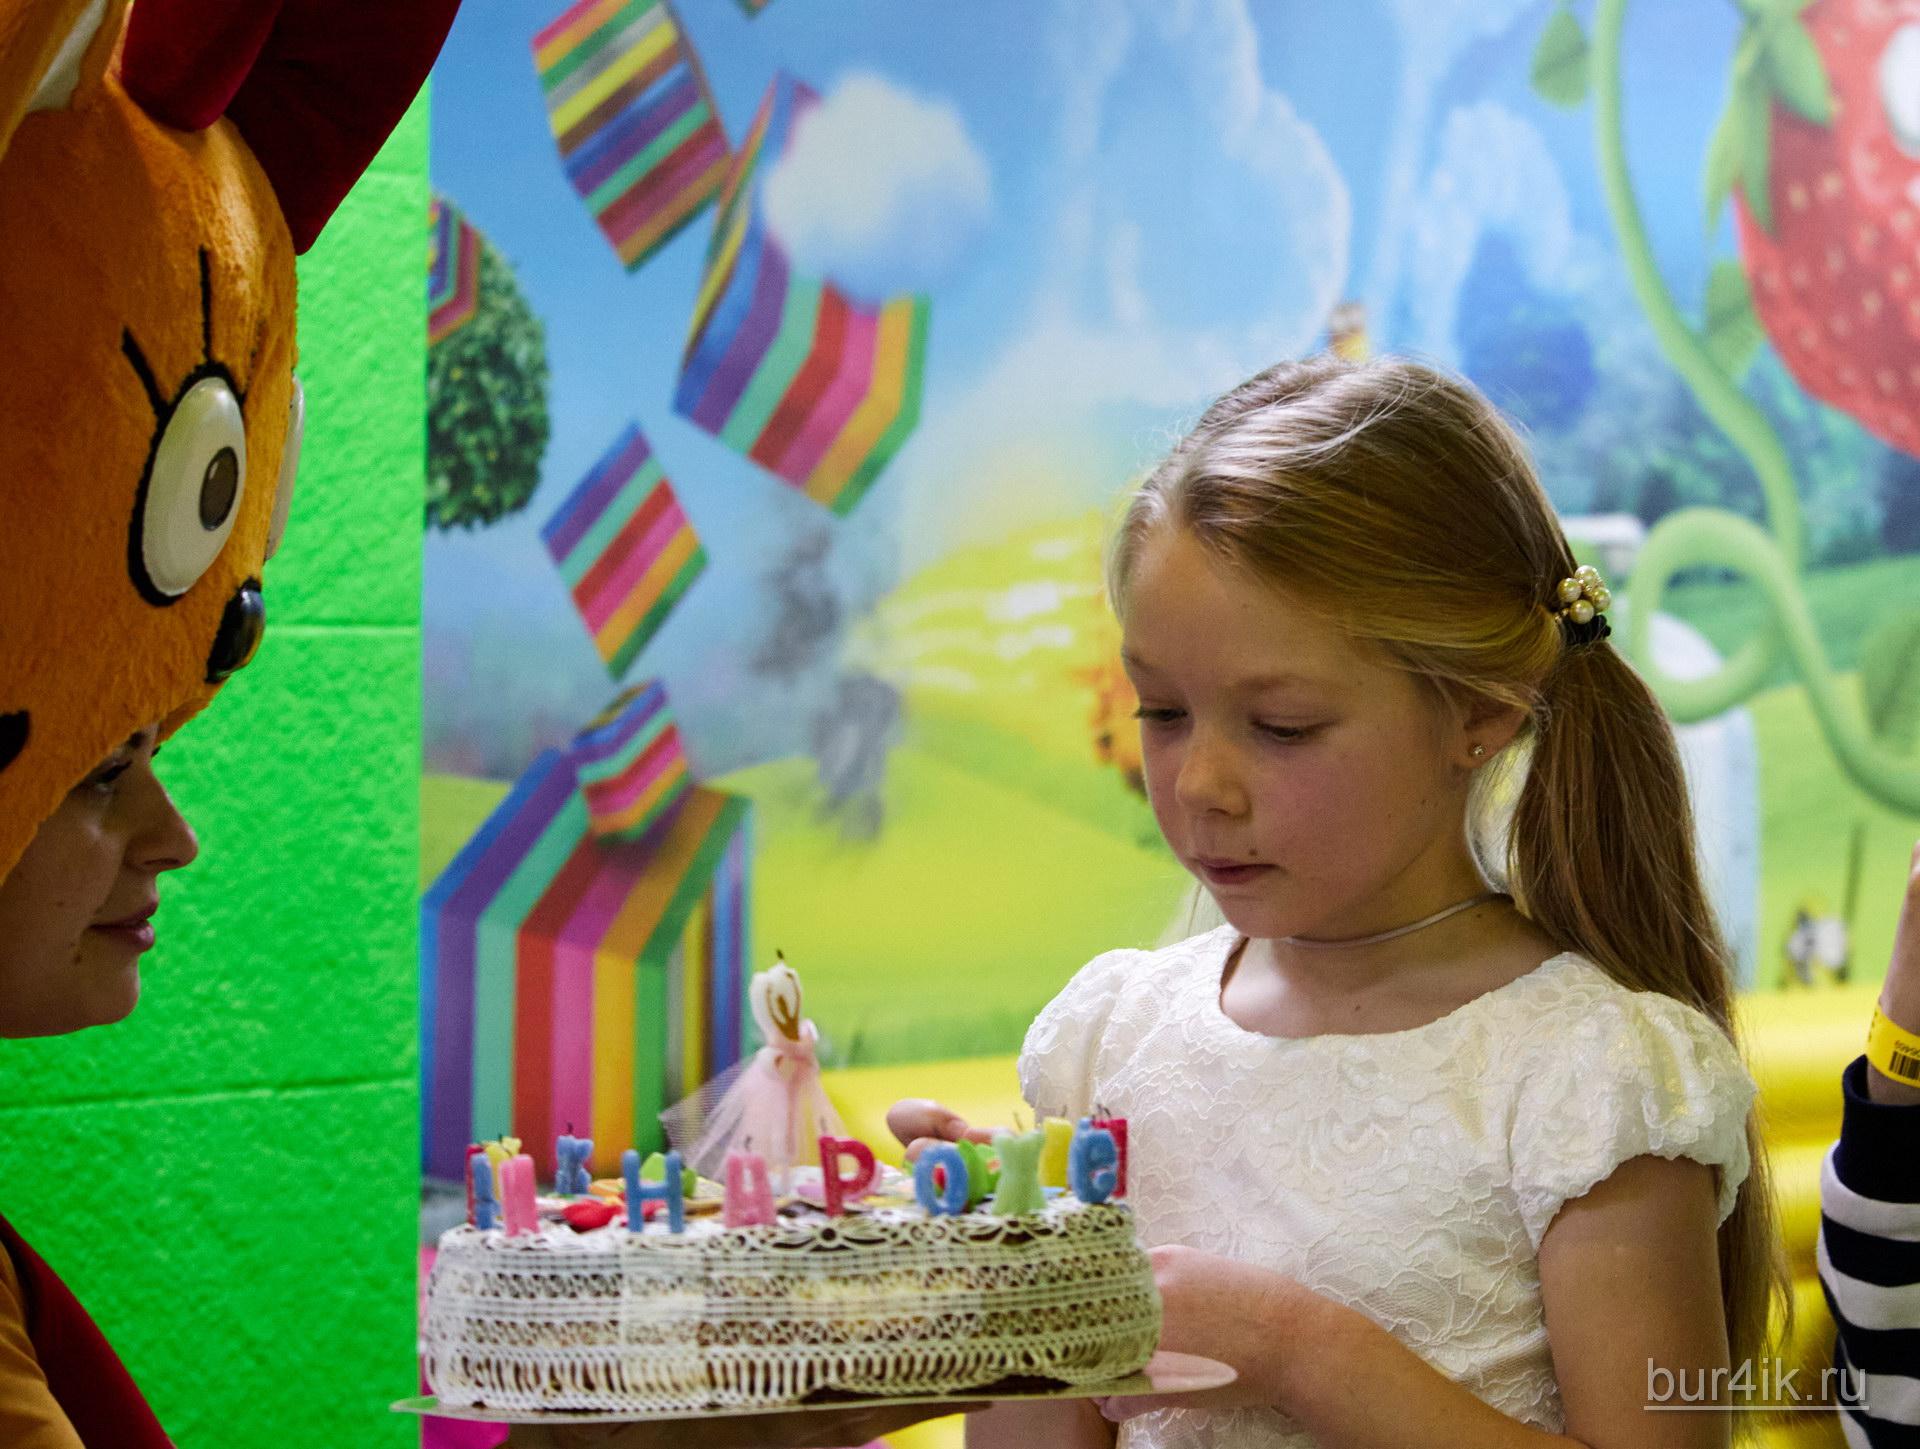 Фото Детское День Рождения в Детский Дворик 15.01.2020 №244 -photo- bur4ik.ru